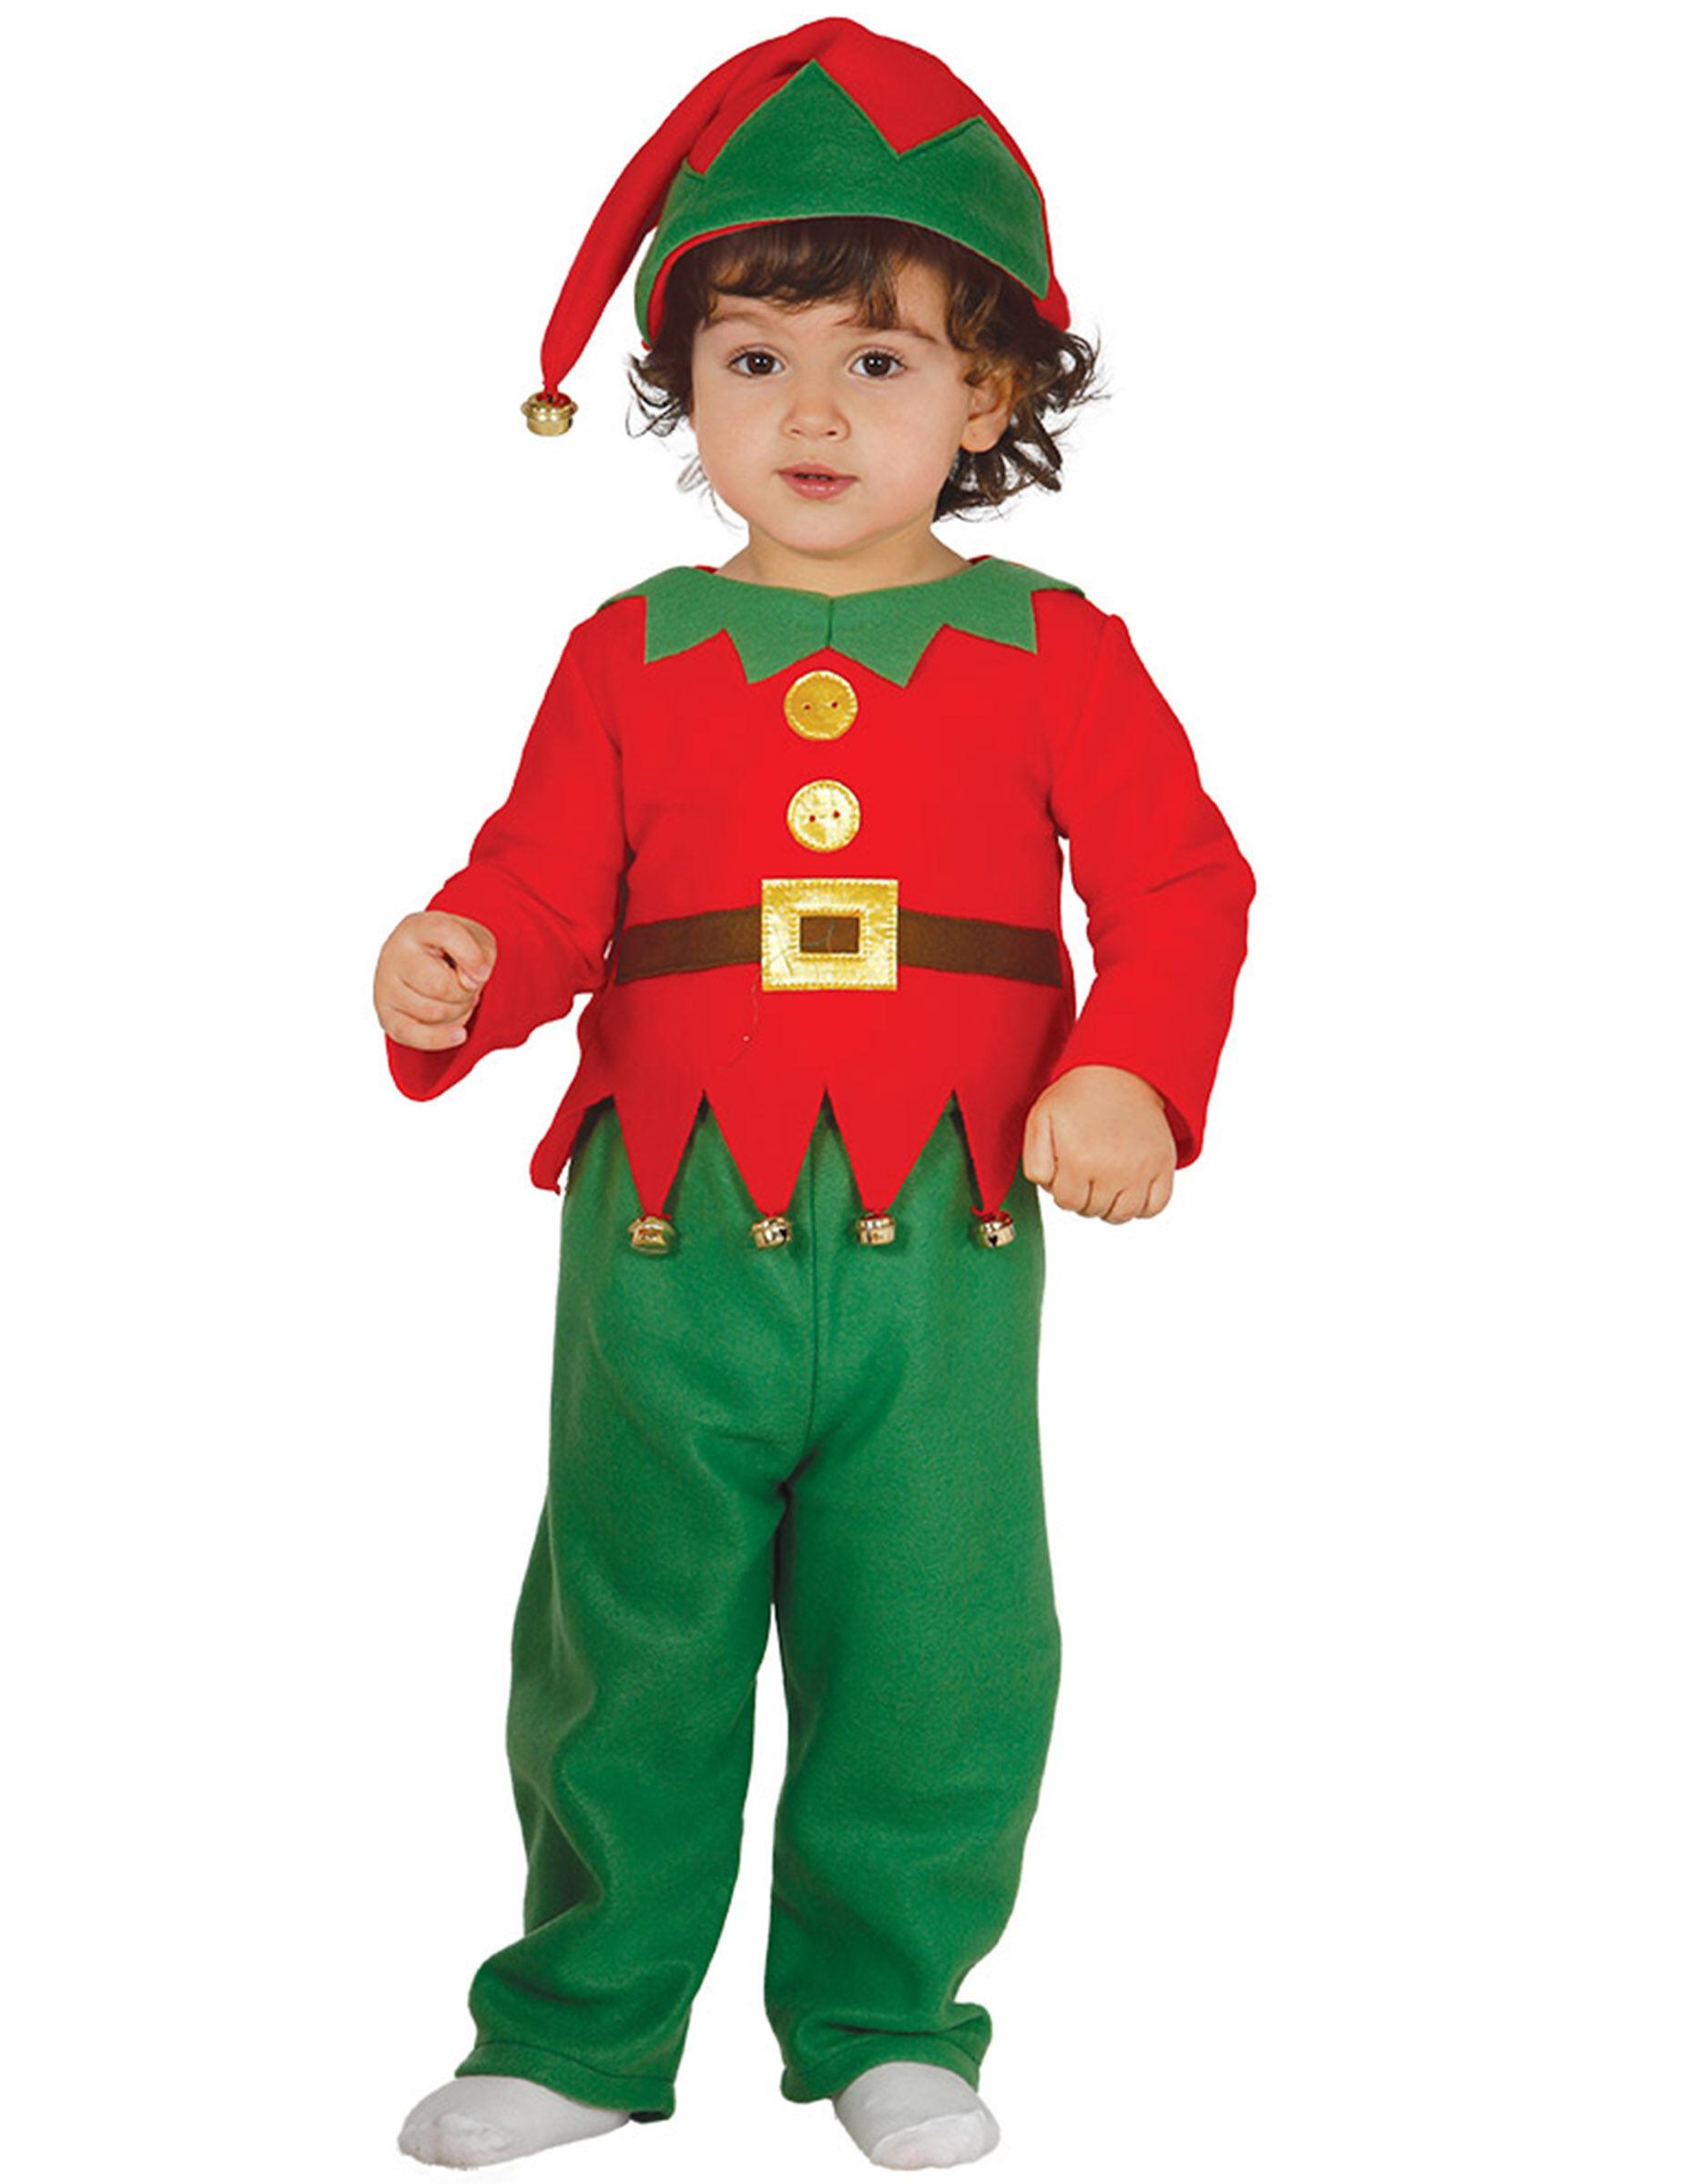 Deguisetoi Déguisement classique petit lutin de Noël bébé - Taille: 6 à 12 mois (82-83 cm)